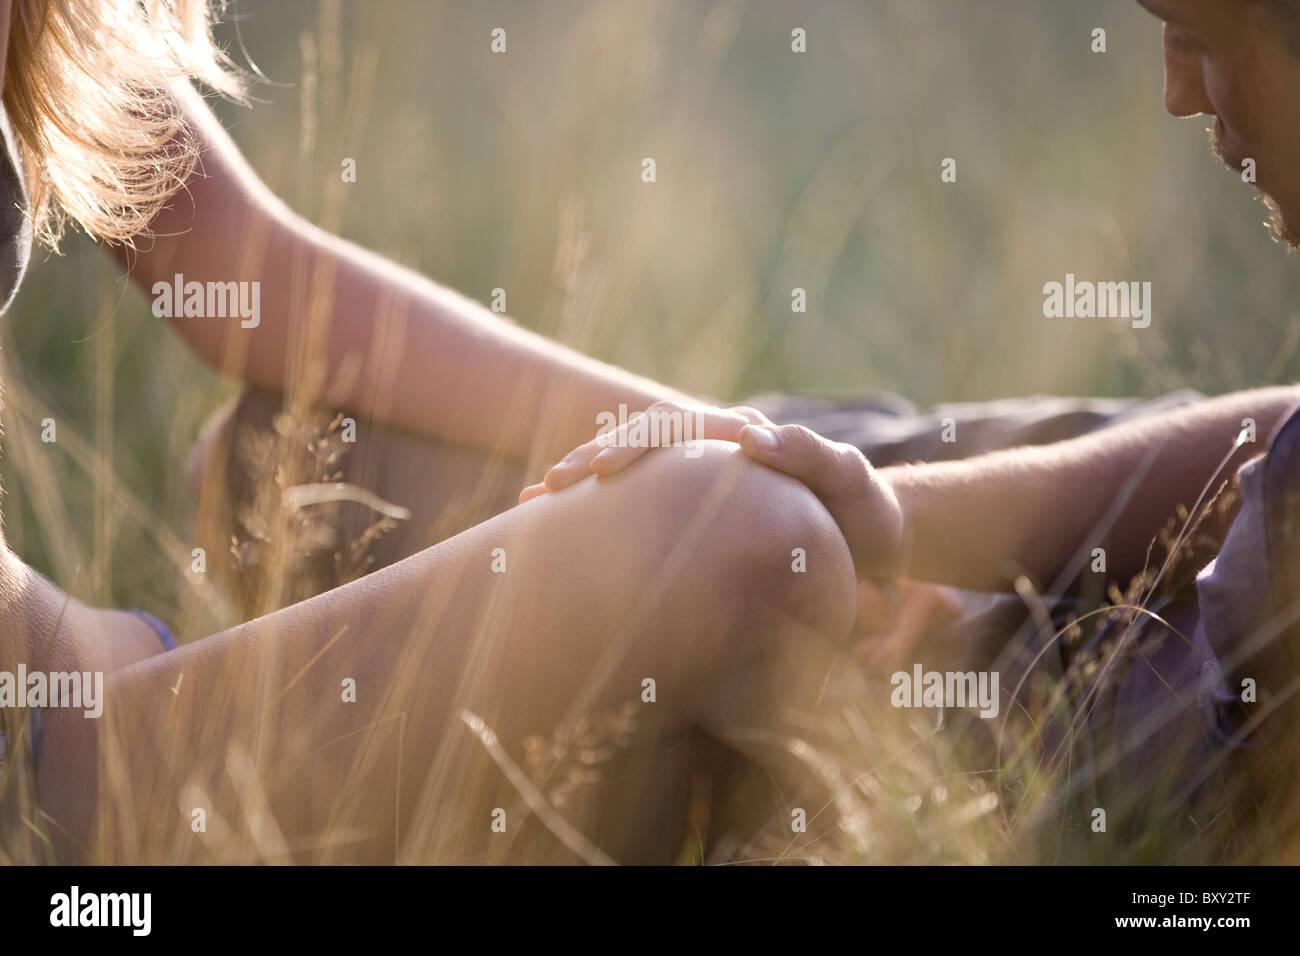 Detalle de una pareja joven afuera, mans mano sobre la rodilla de los womans Foto de stock